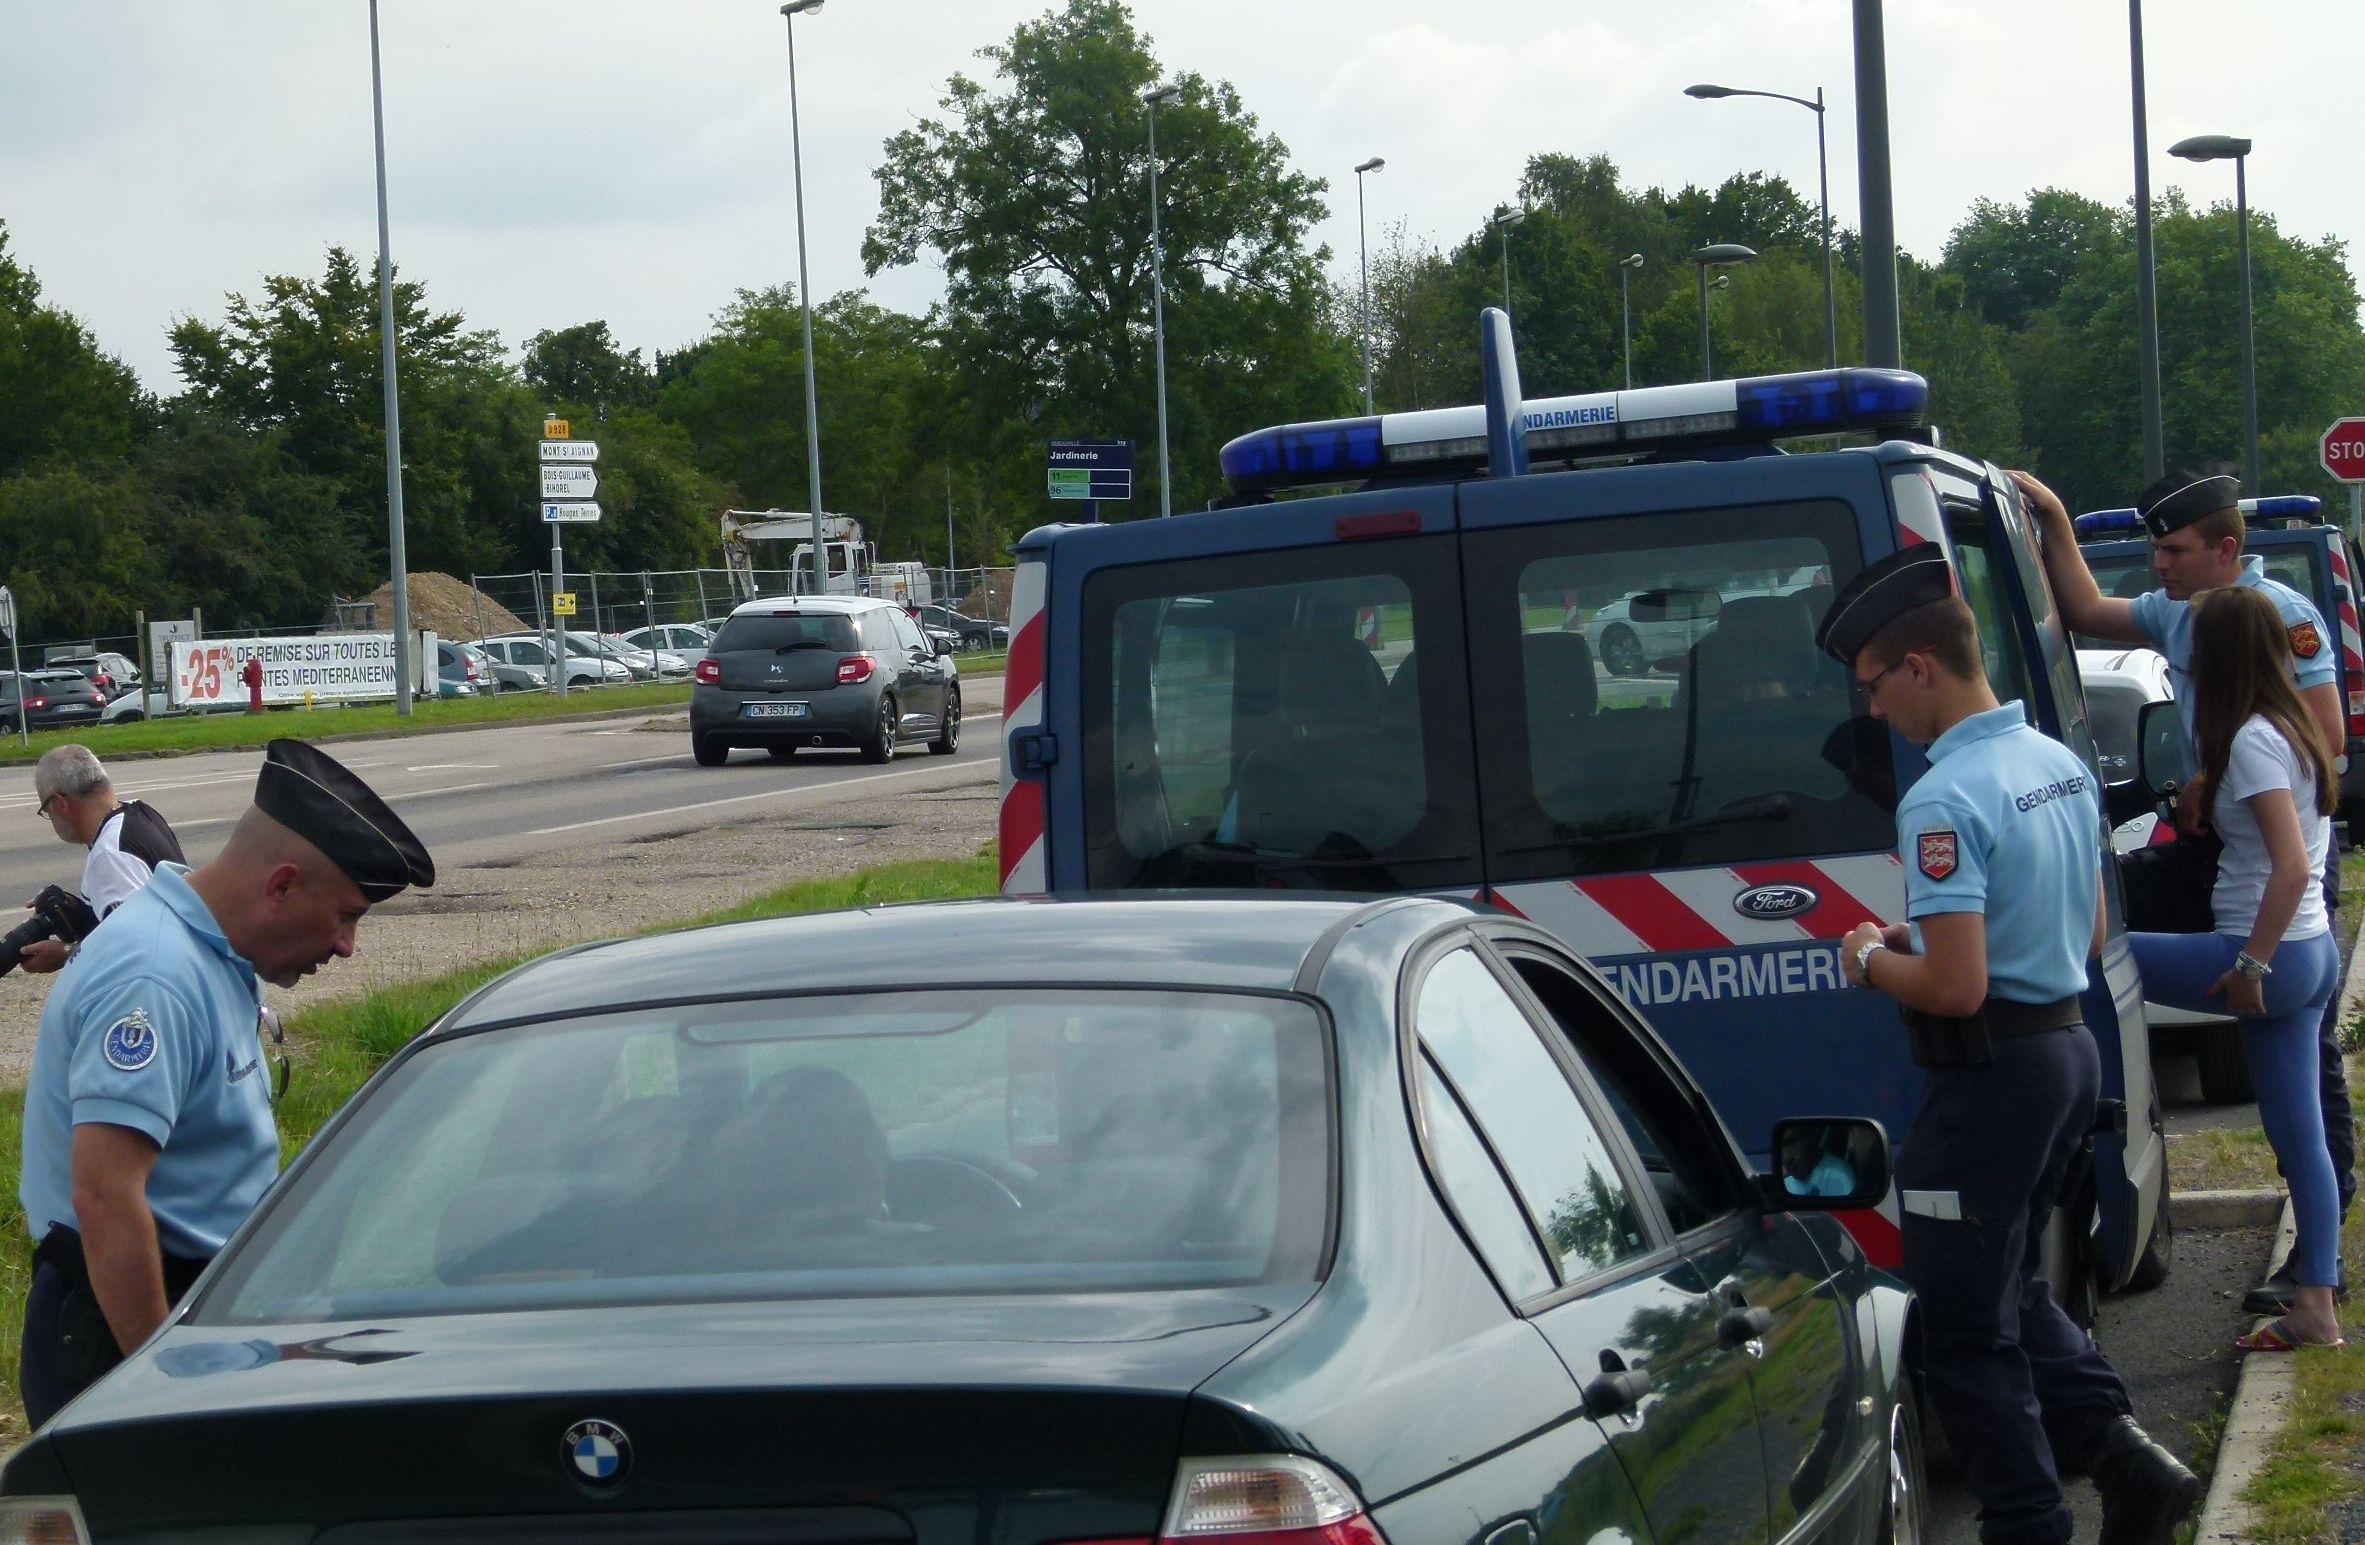 Une quinzaine d'infractions à la vitesse ont été relevées, par les gendarmes de l'EDSR ce jeudi après-midi sur l'A28